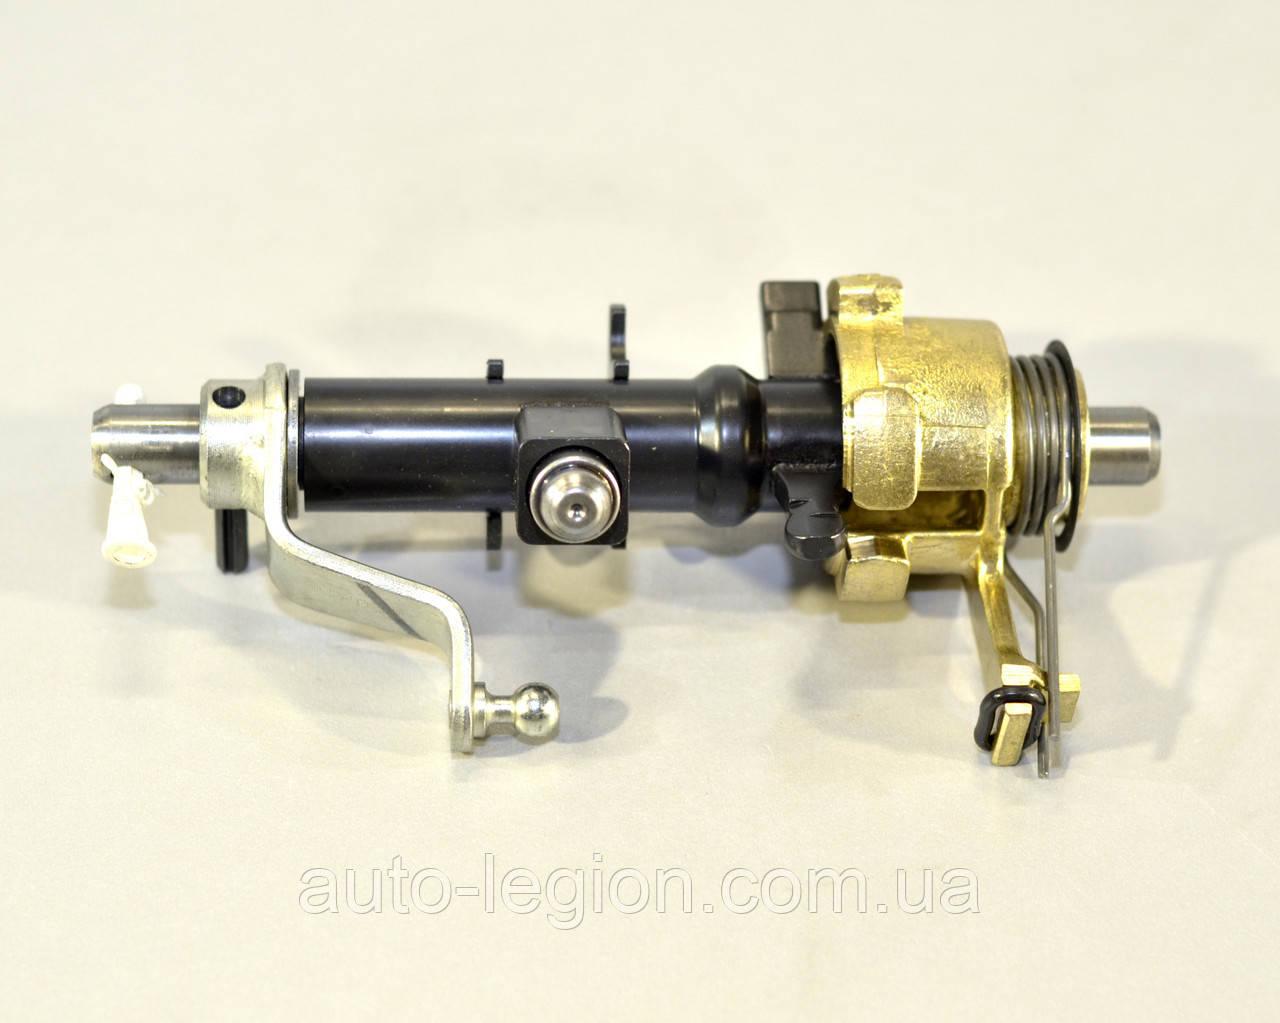 Модуль управления КПП на Renault Trafic II 2001->2014 — Renault (Оригинал) - 77 01 479 193